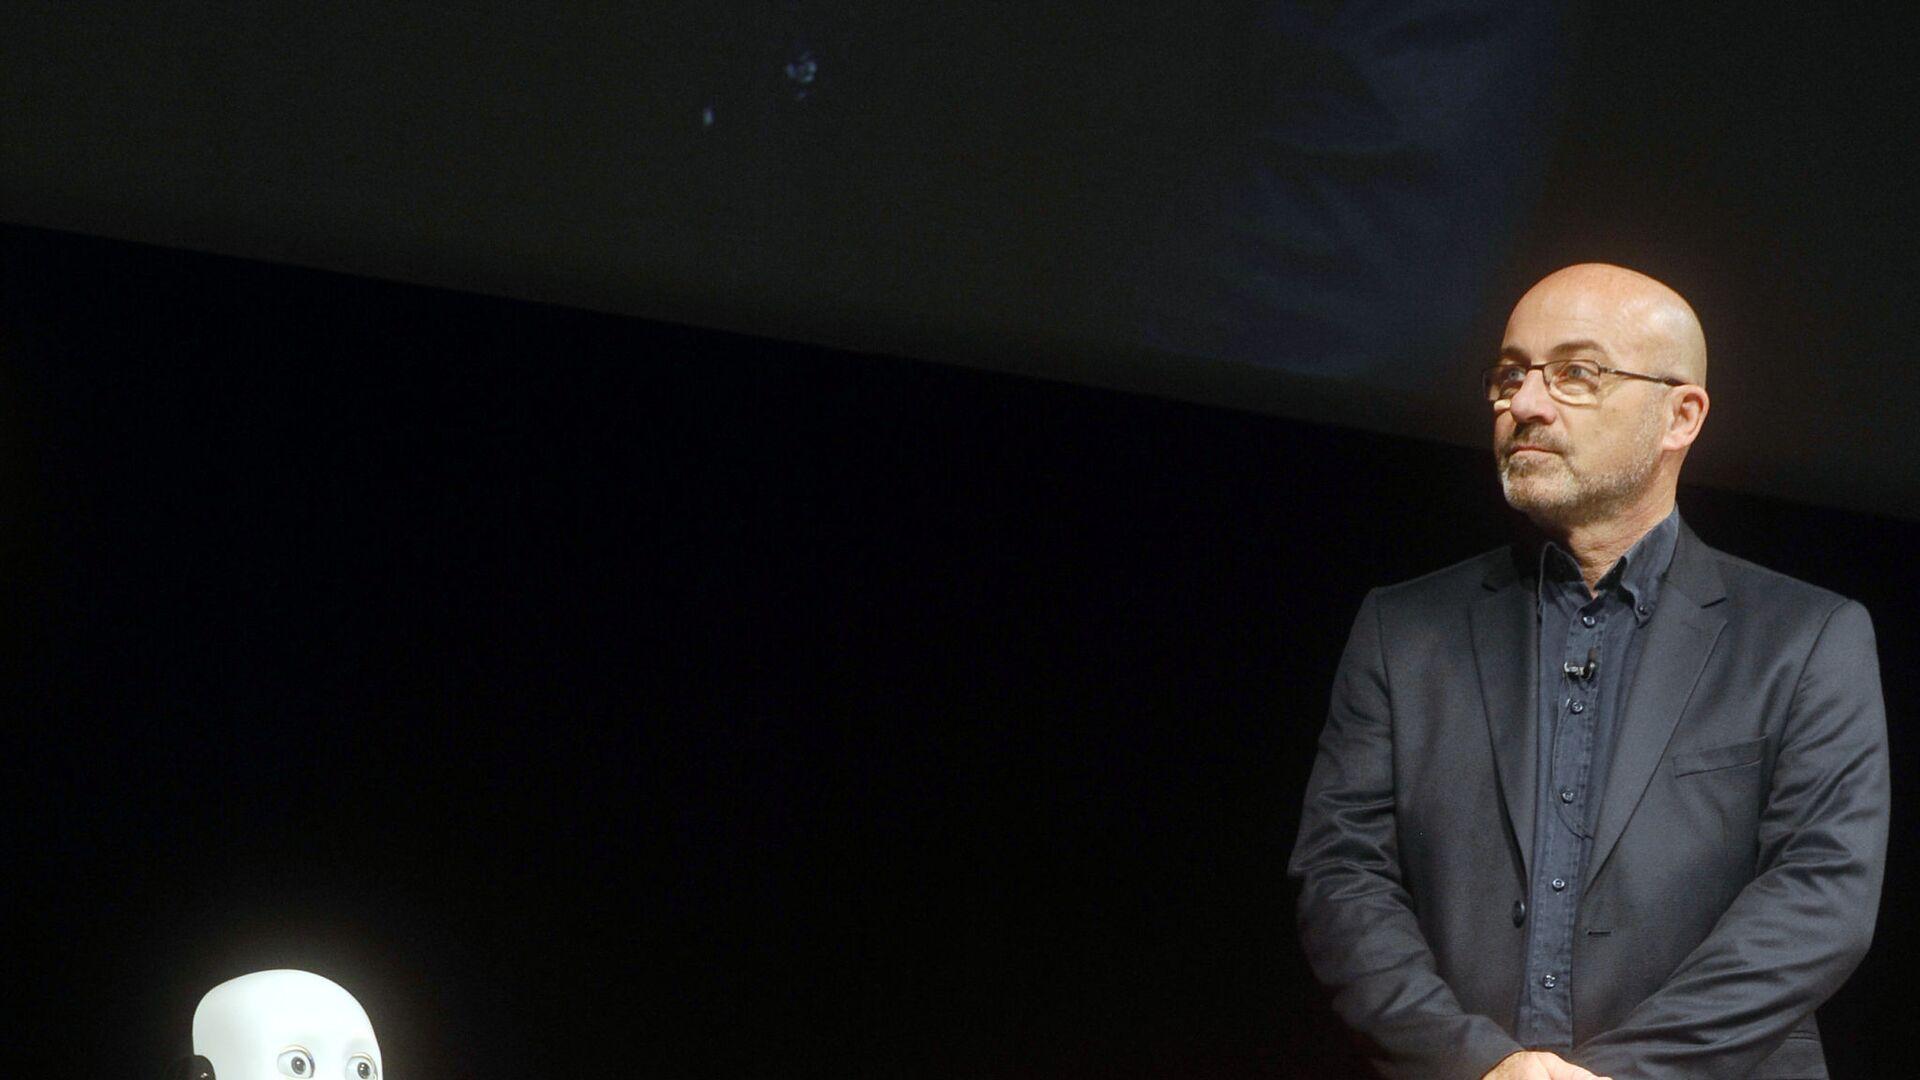 Roberto Cingolani, Ministro per la Transizione ecologica - Sputnik Italia, 1920, 19.02.2021